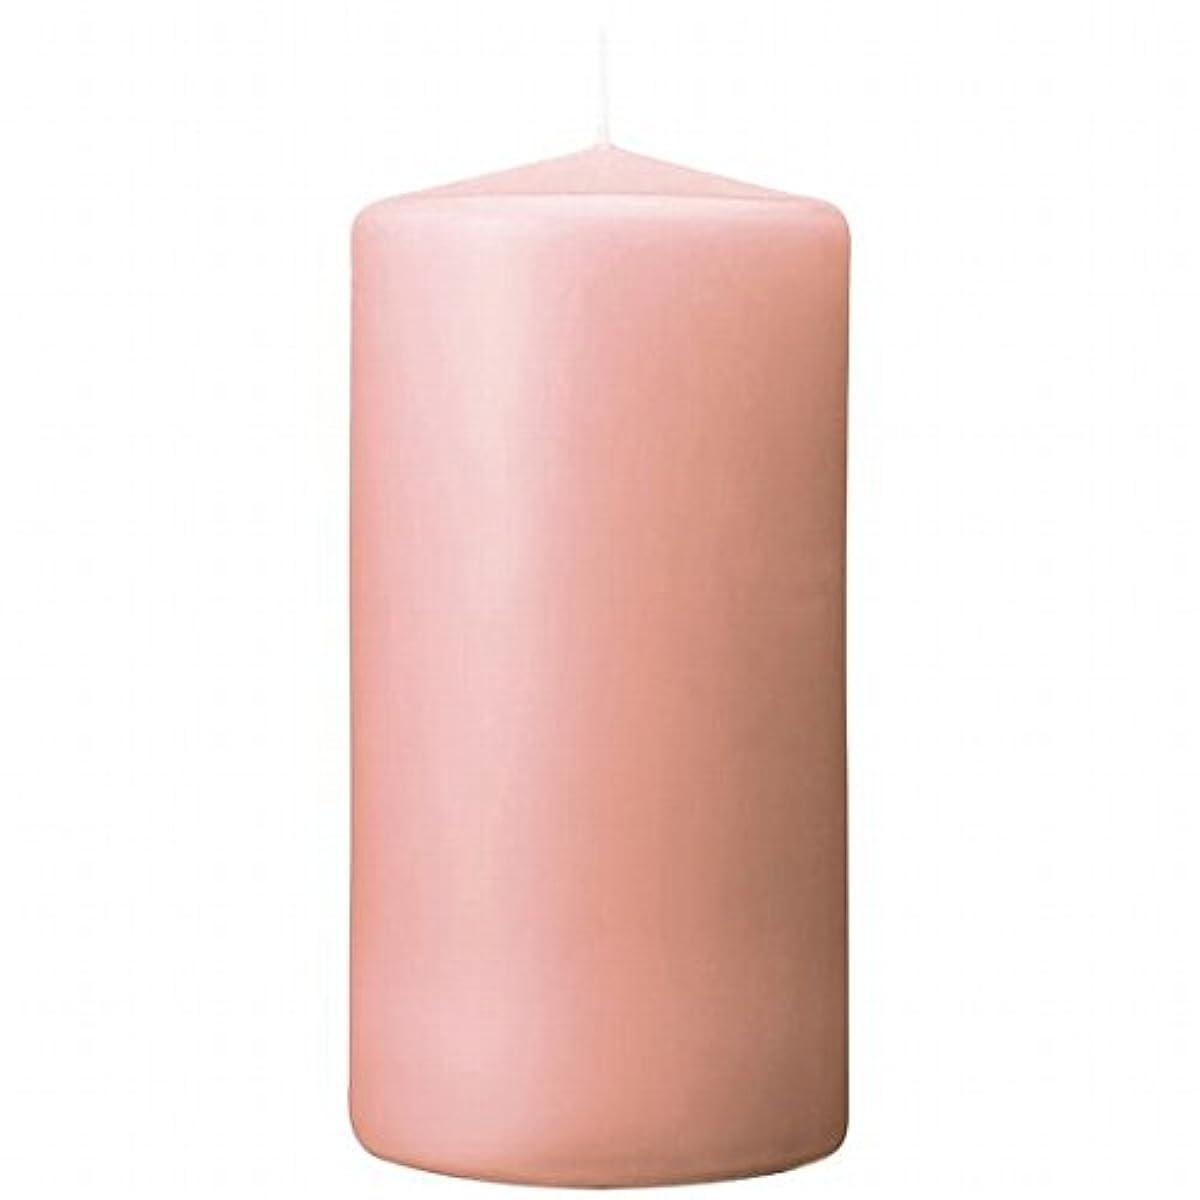 保全ファイバ重力カメヤマキャンドル(kameyama candle) 3×6ベルトップピラーキャンドル 「 ピーチアンバ 」